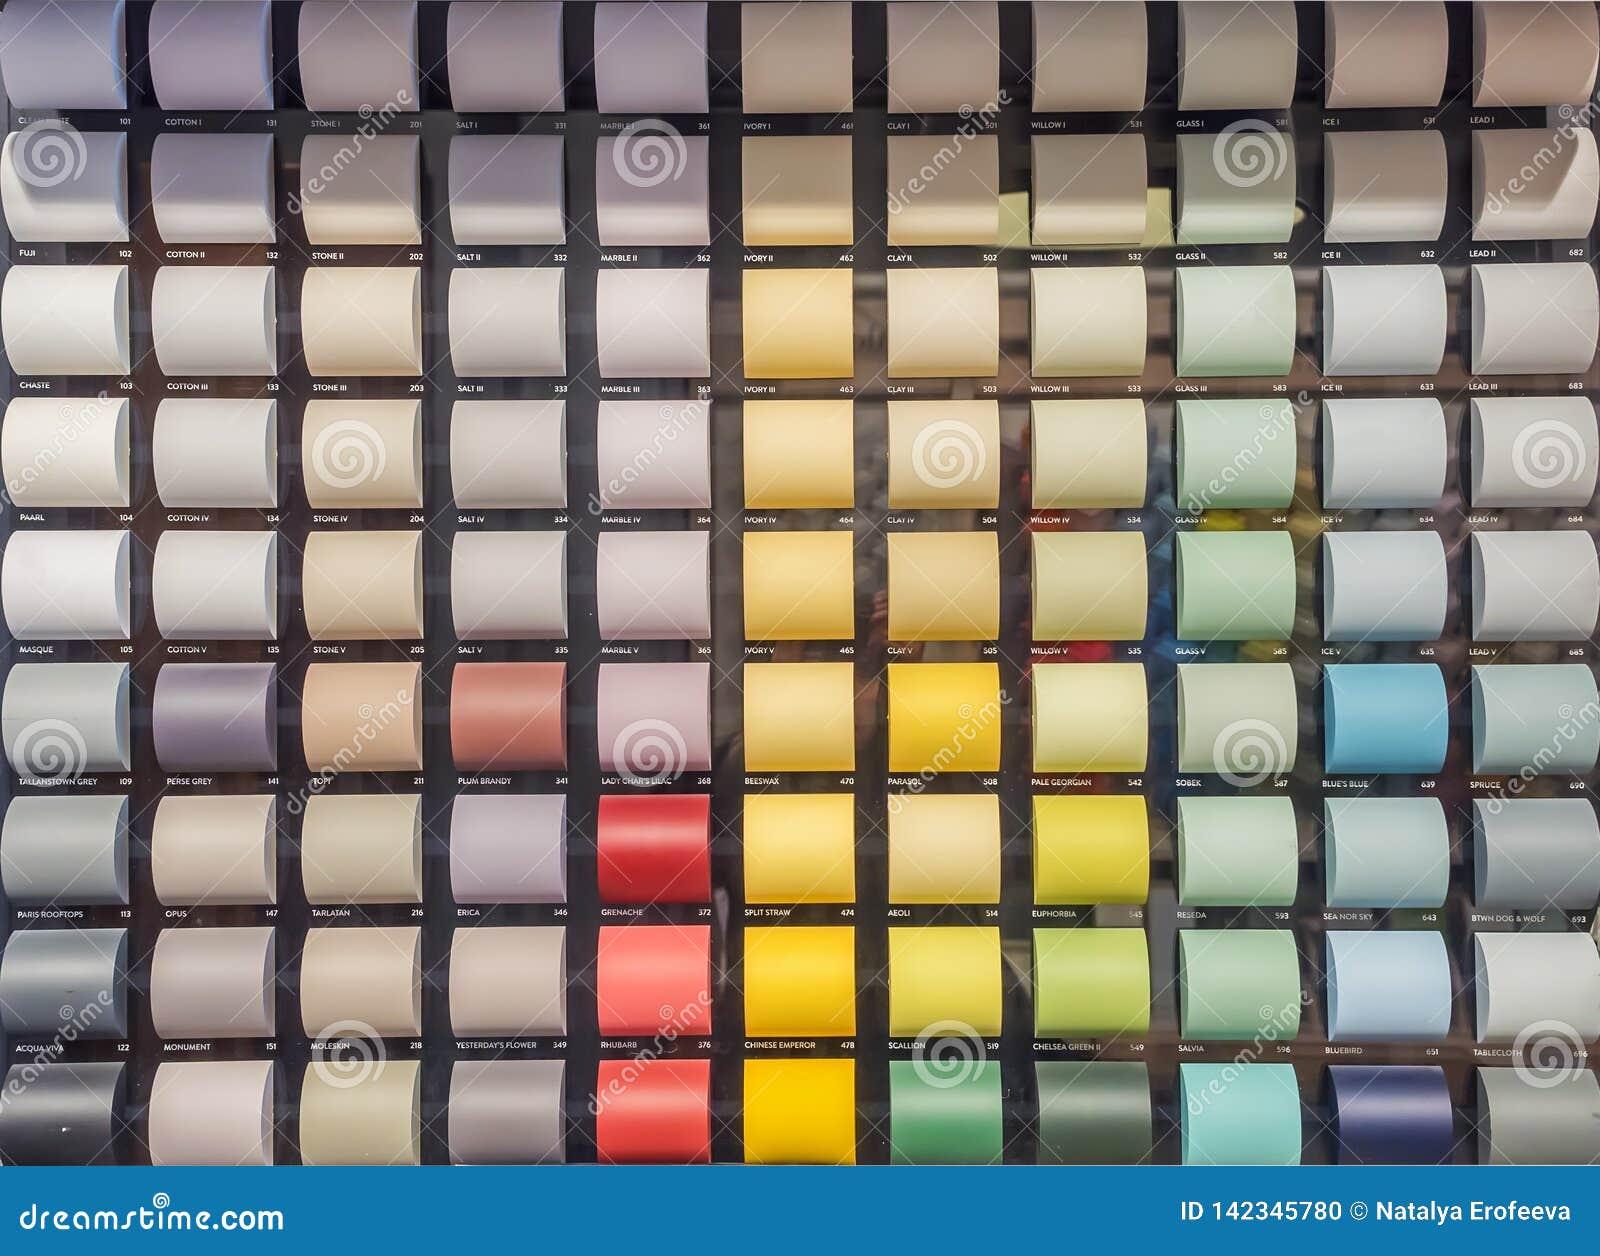 Affichage Avec Des Cartes Avec Les Pantones Colorés De Peinture Pour La  Décoration Intérieure